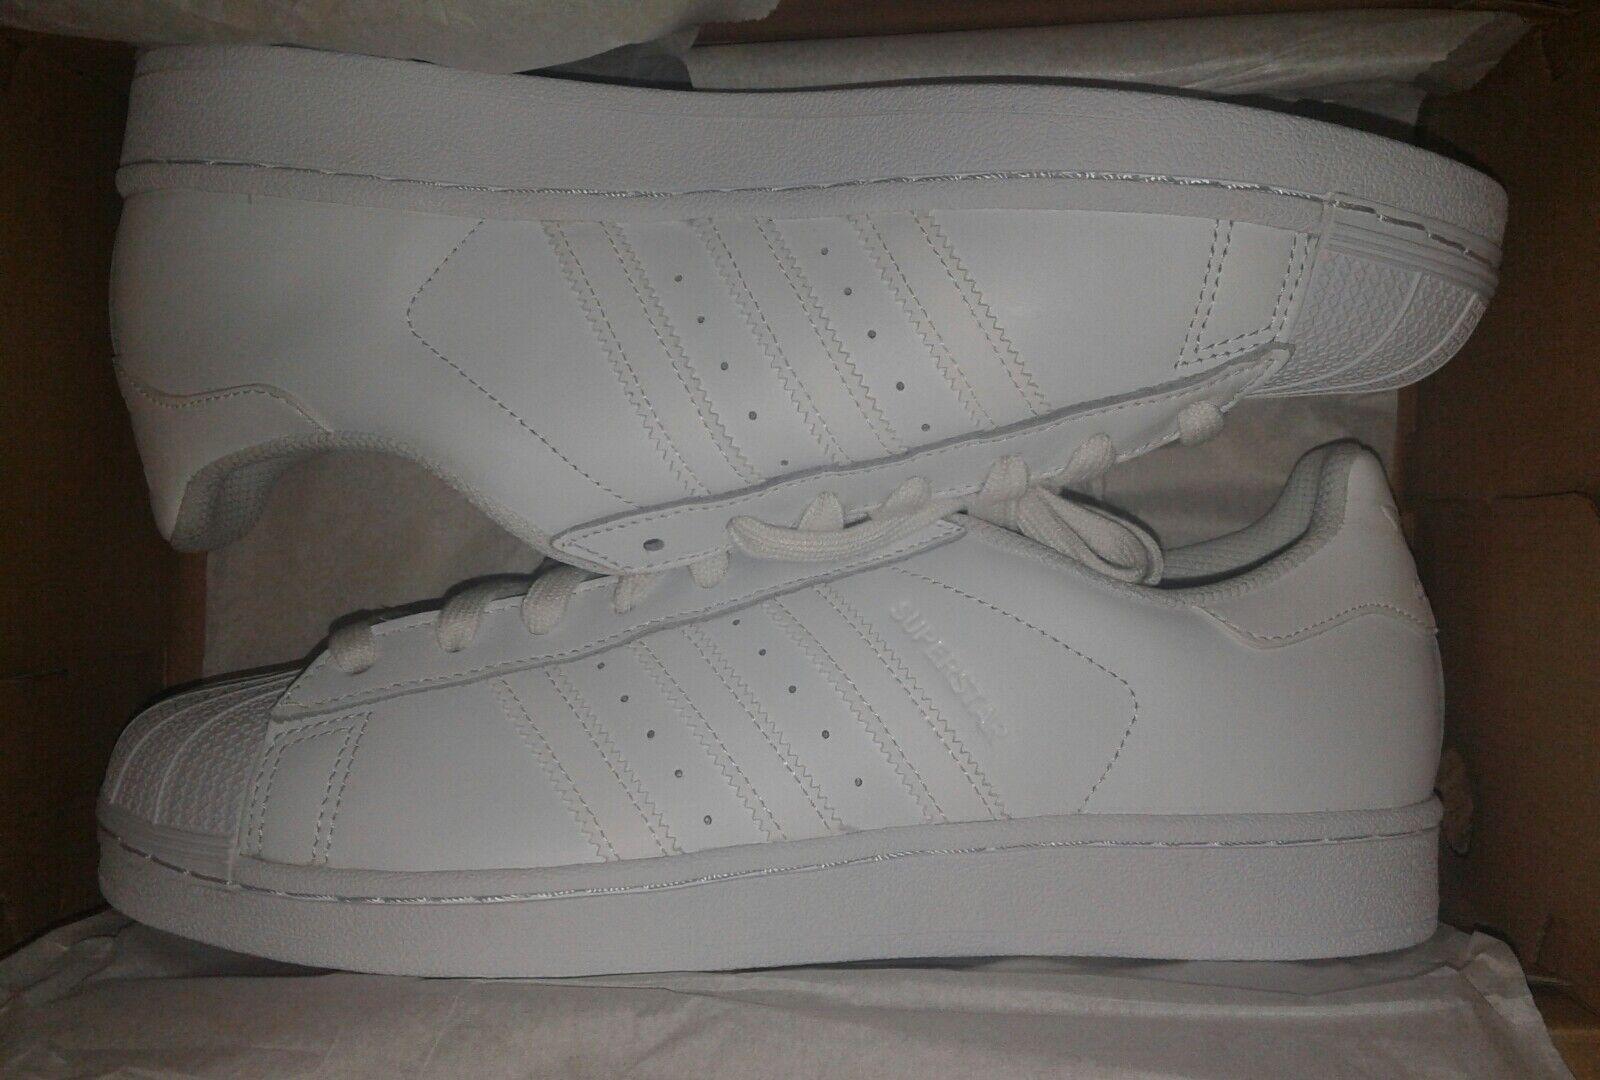 Adidas Originals SuperStar Foundation B27136 Triple White Men's Size 9.5